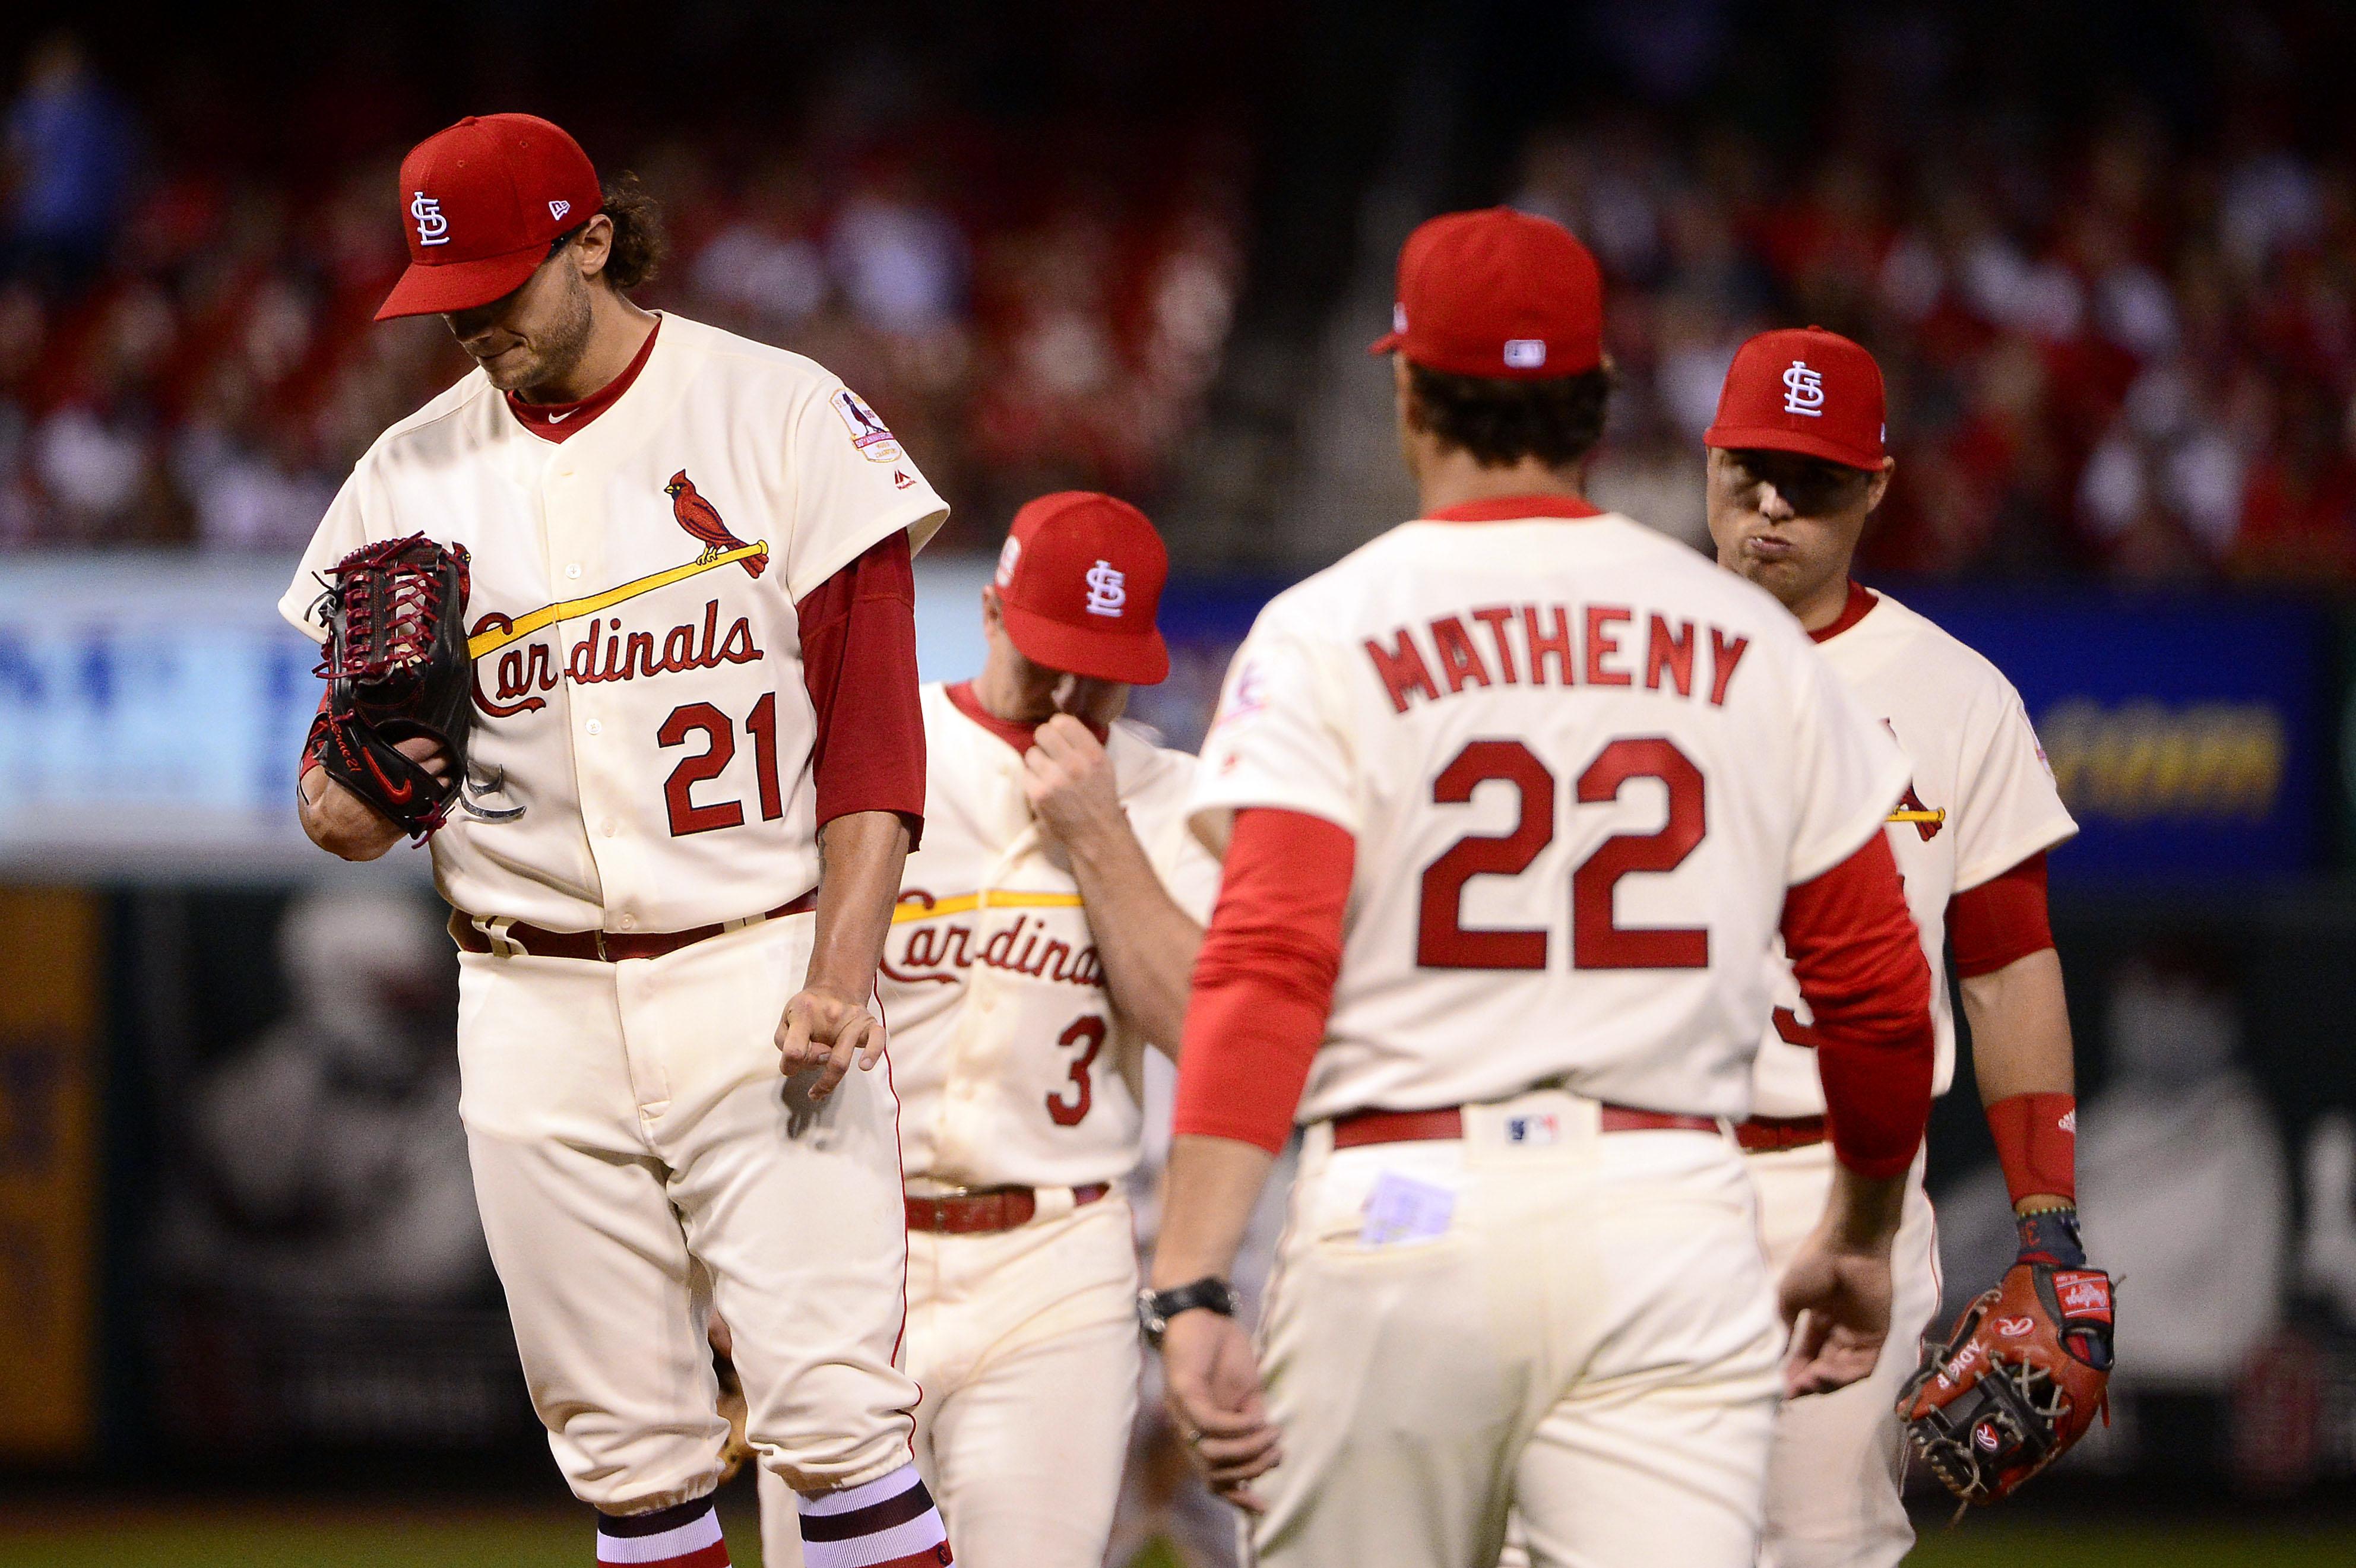 10061002-mlb-boston-red-sox-at-st.-louis-cardinals